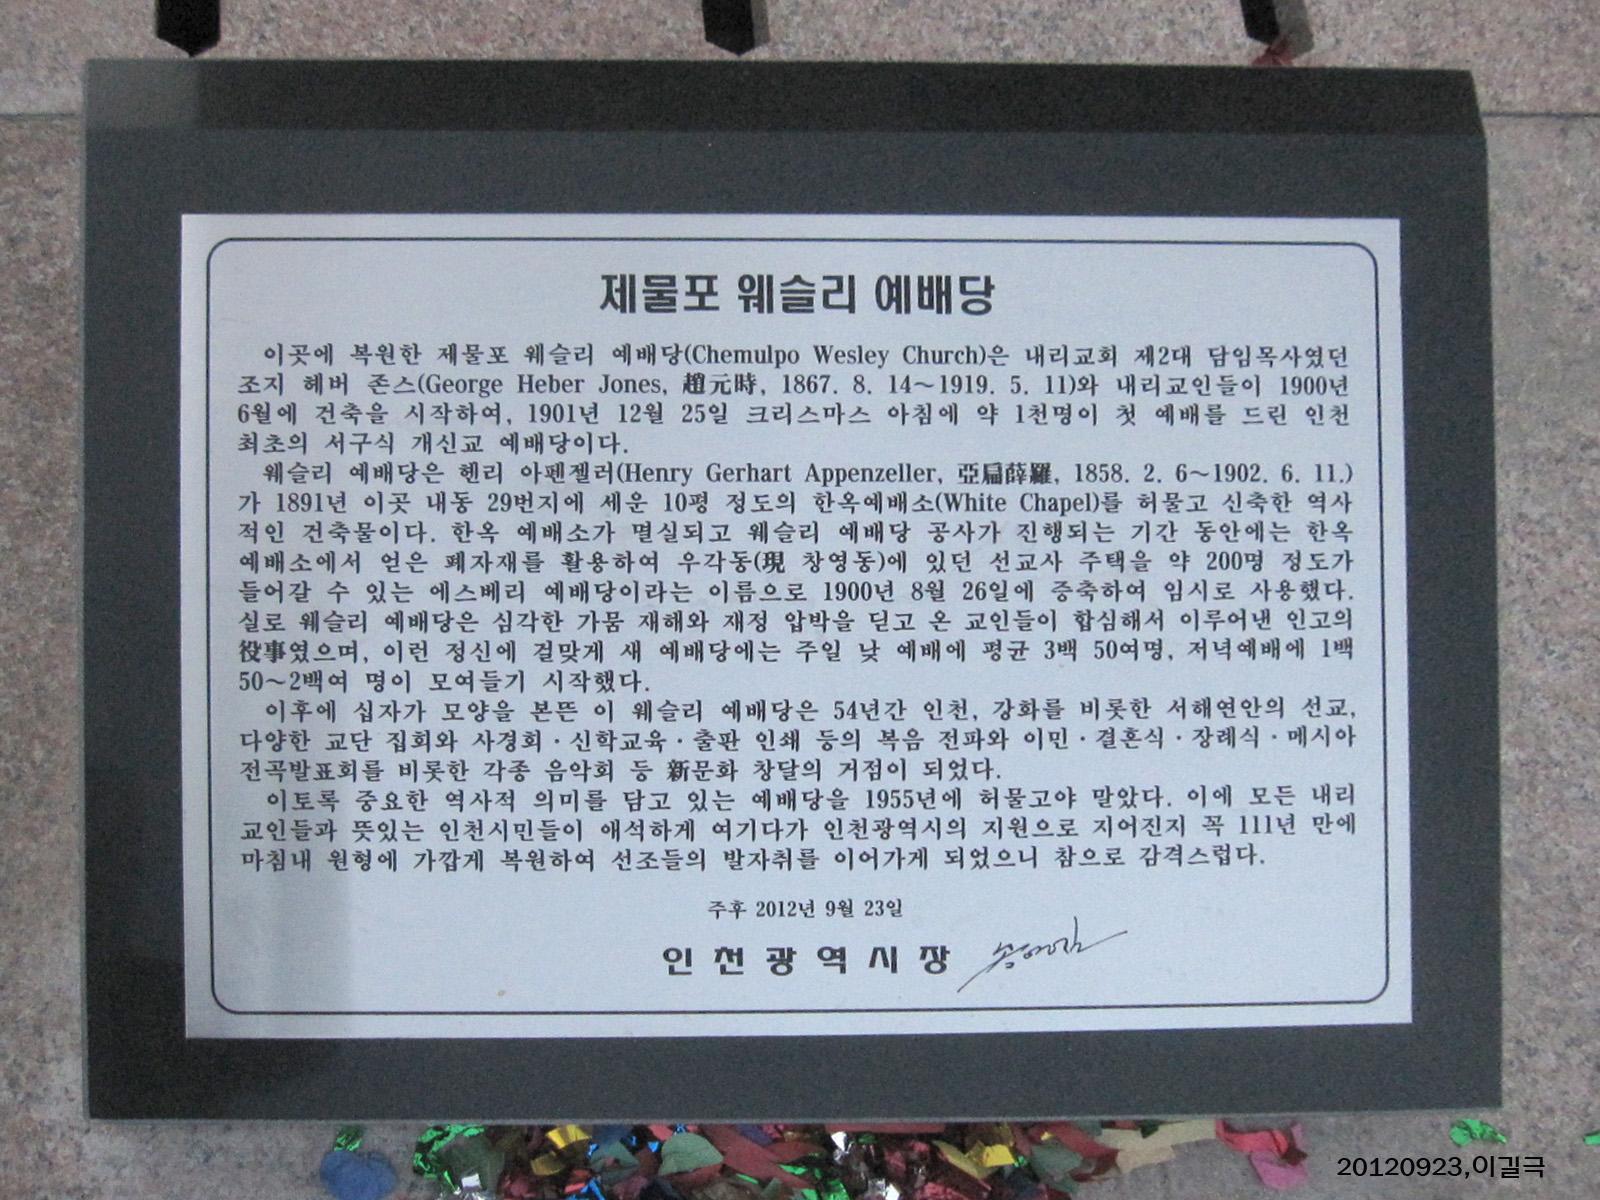 인천광역시장 복원 기념석판